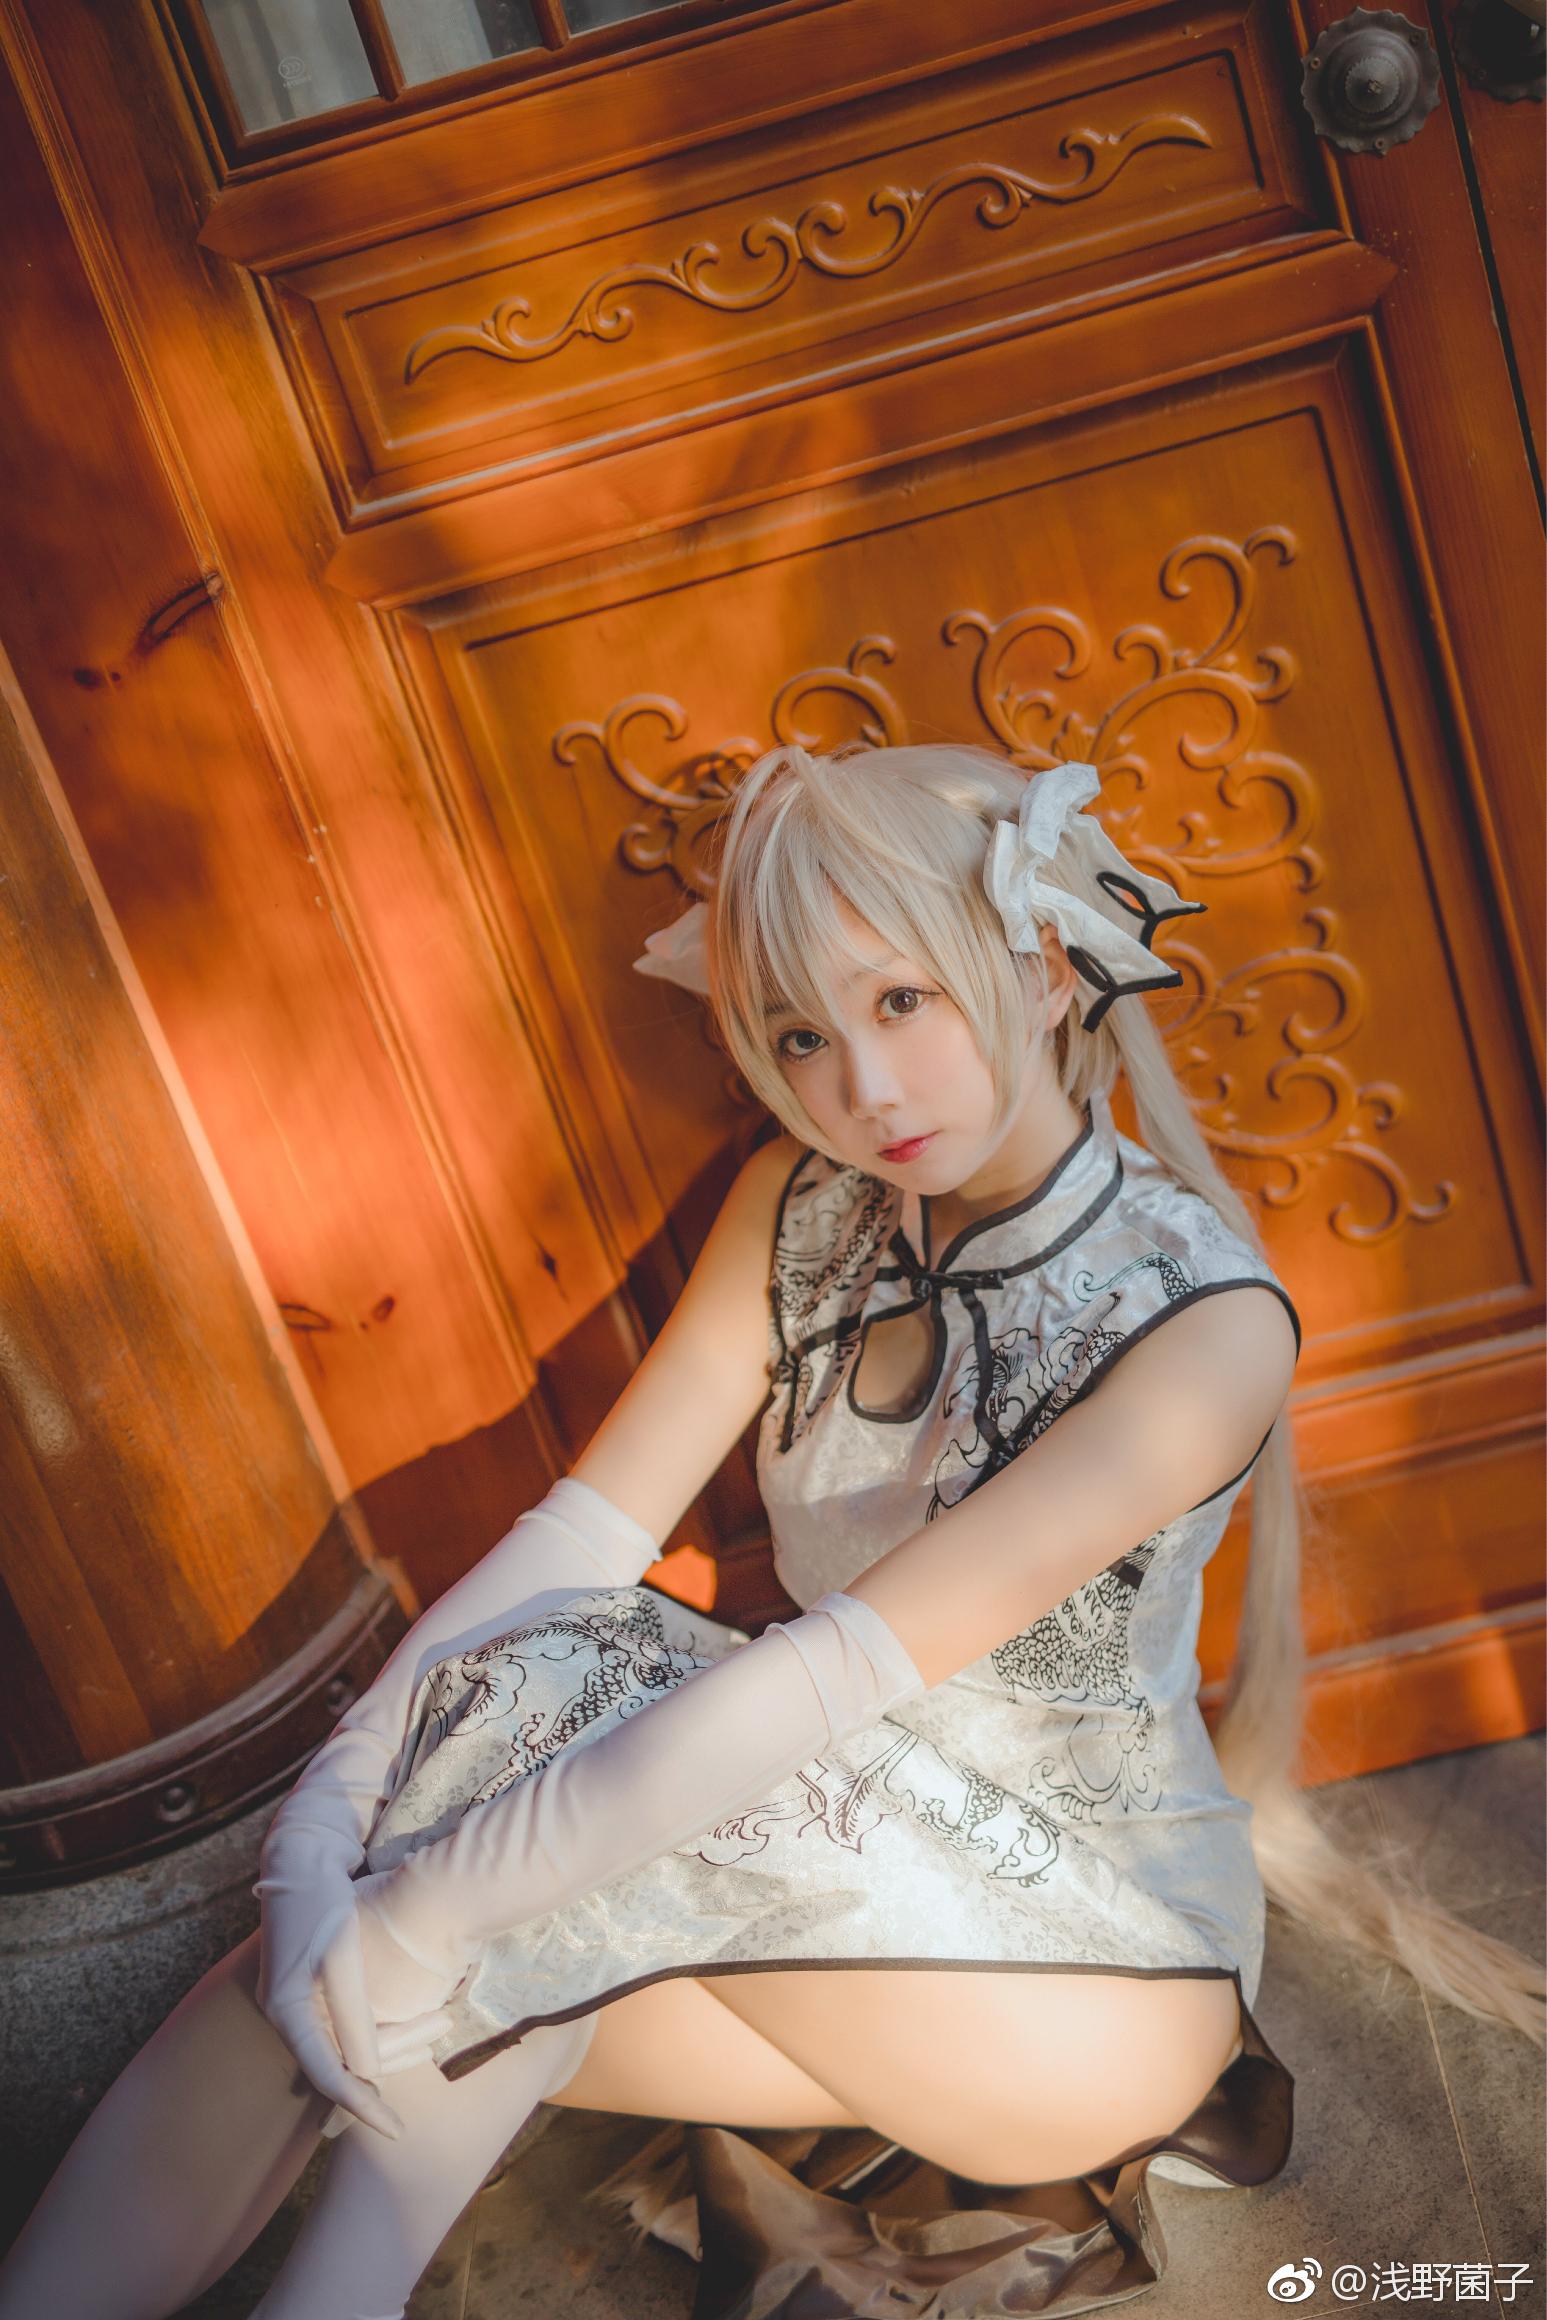 萌妹子Cosplay:缘之空穹妹的旗袍白丝福利(9P)